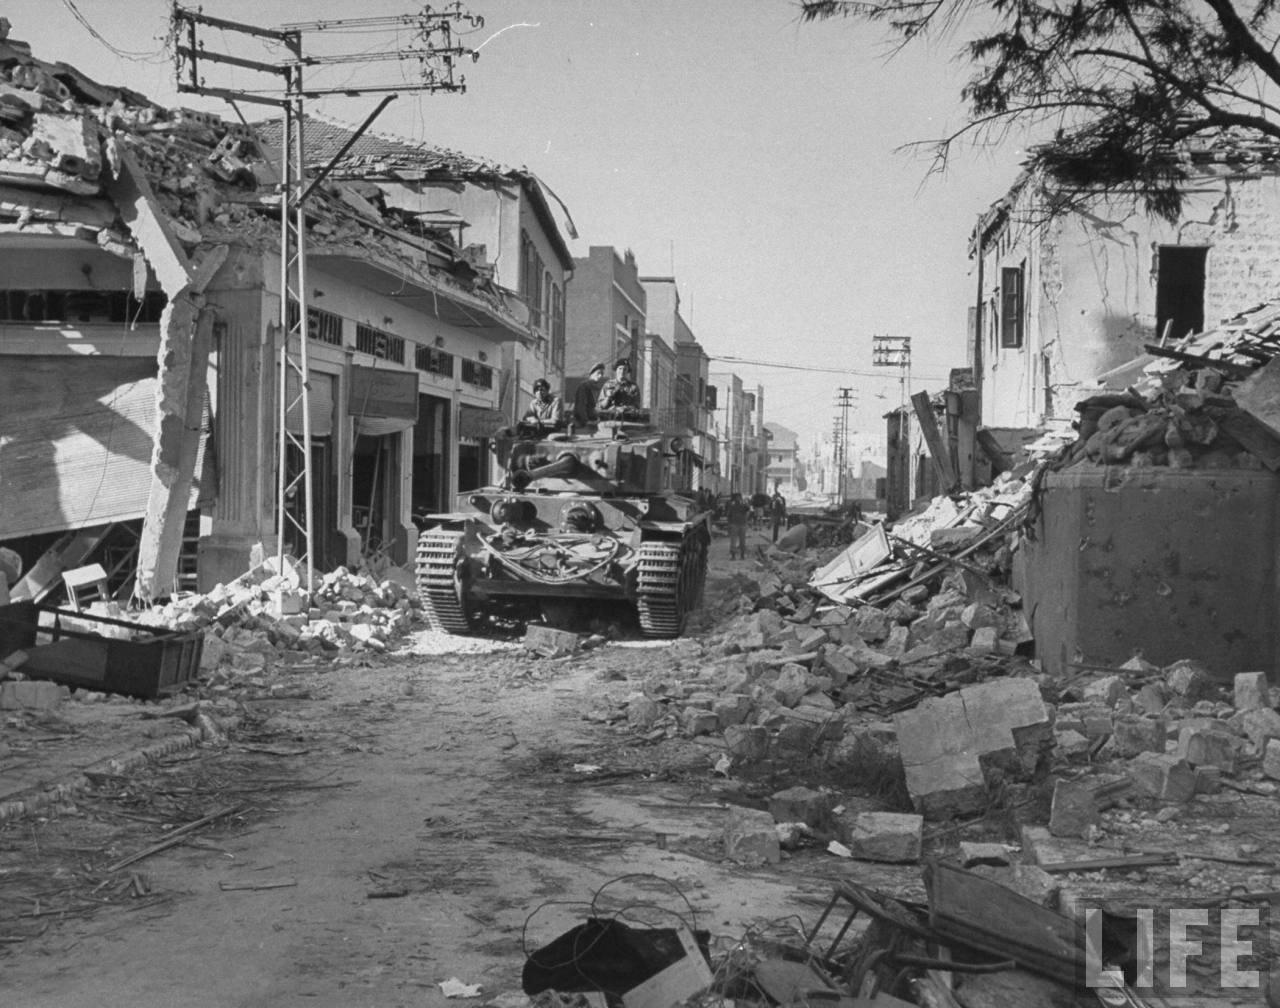 1948. Британский танк на улице в Иерусалиме